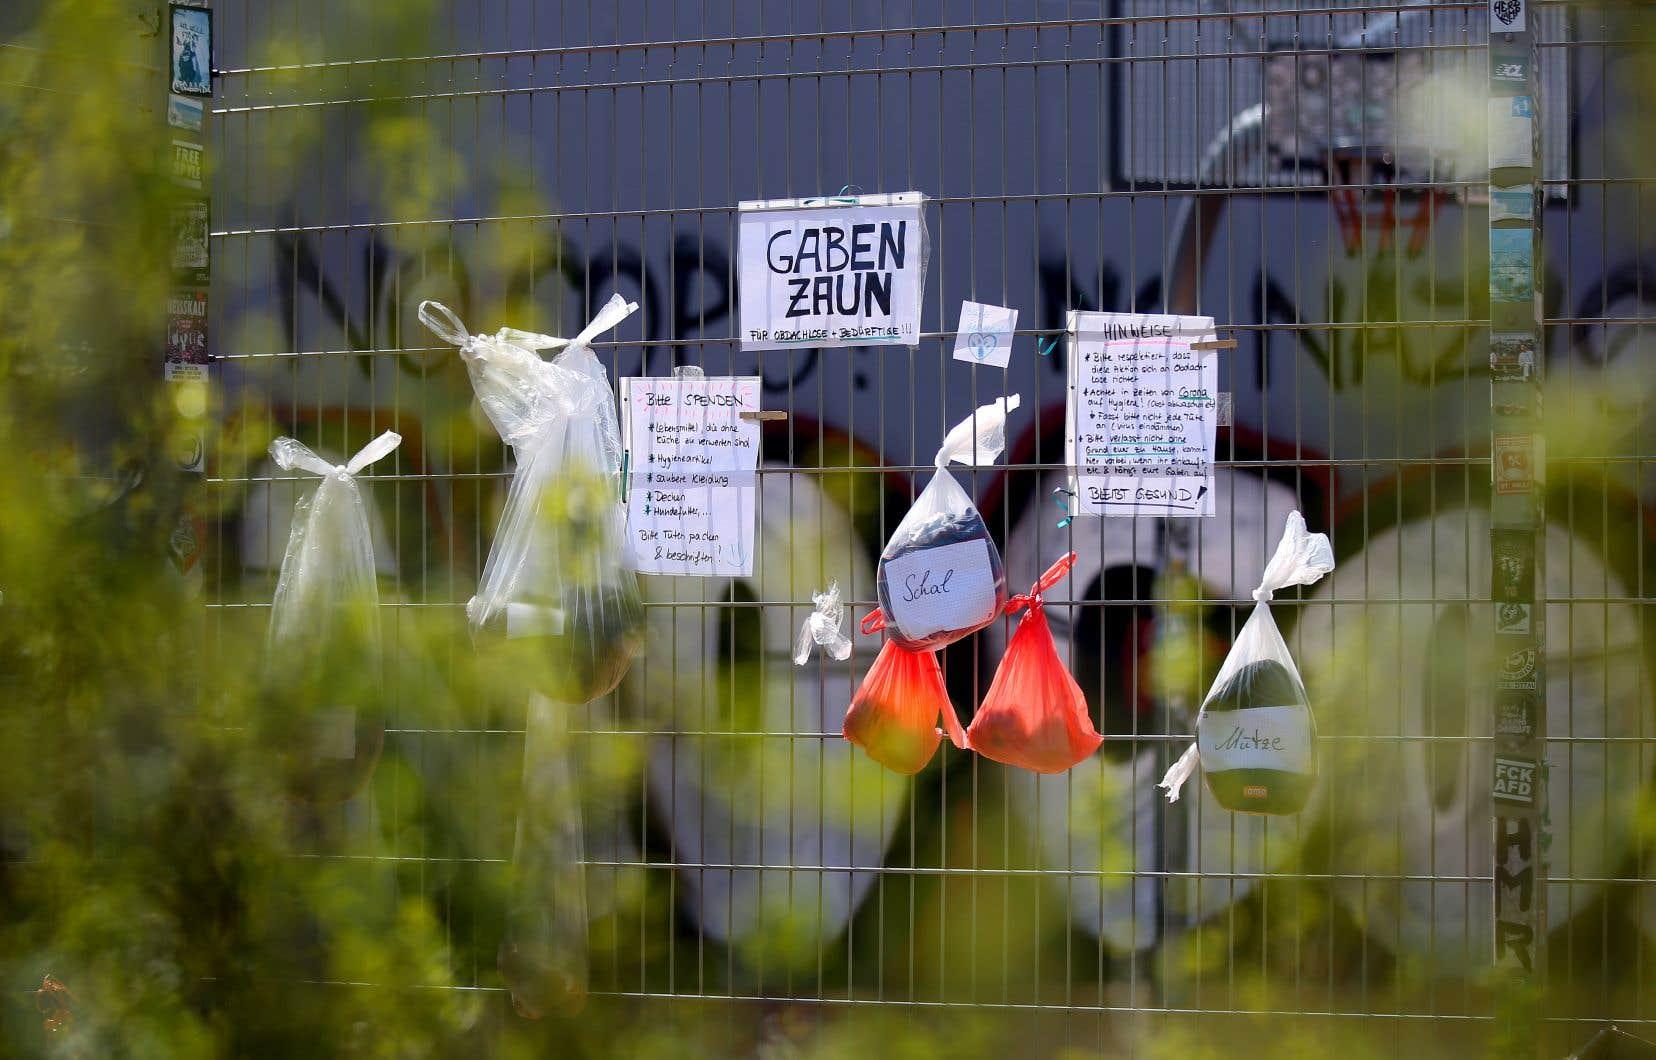 Dans certaines villes d'Allemagne, on a ressuscité les «clôtures à cadeaux» d'autrefois. Les citoyens peuvent y laisser de la nourriture, des vêtements et des articles de toilette destinés aux personnes en situation d'itinérance.